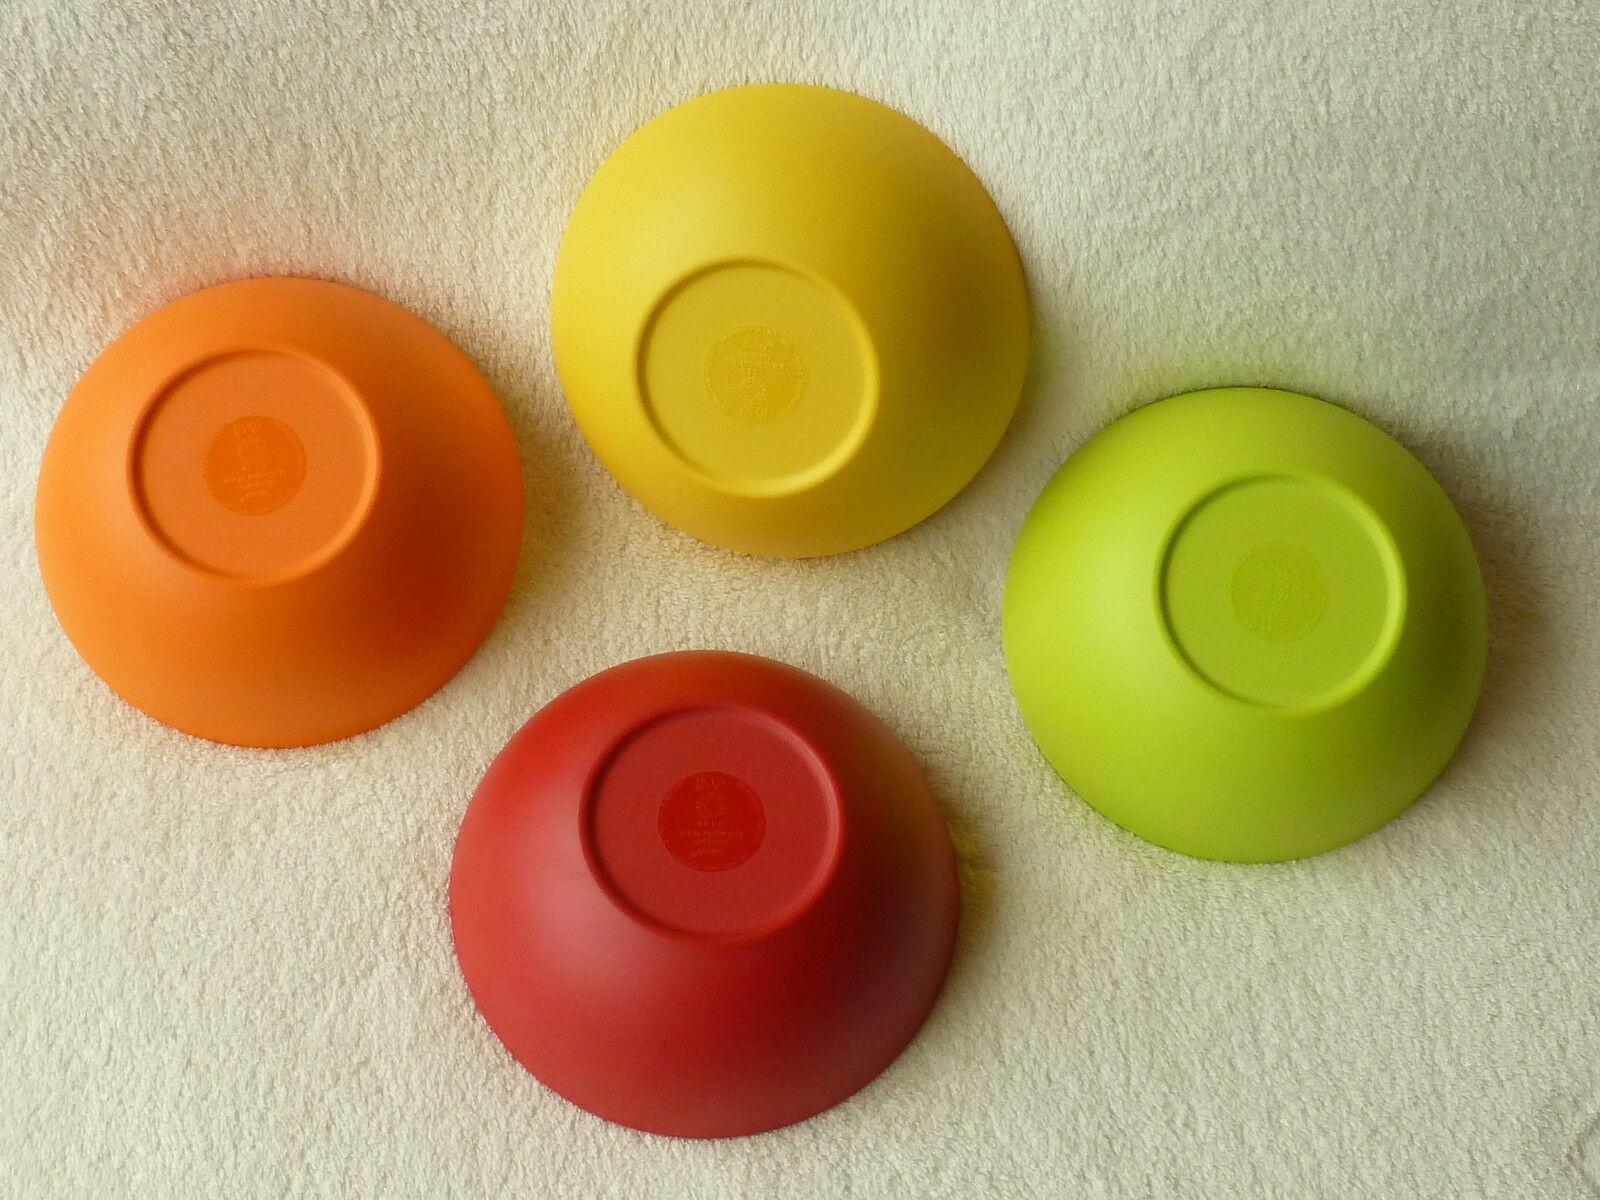 Gimex mélamine camping vaisselle 4 bols à céréales coques set set set rainbow extérieur mat 5bbf87